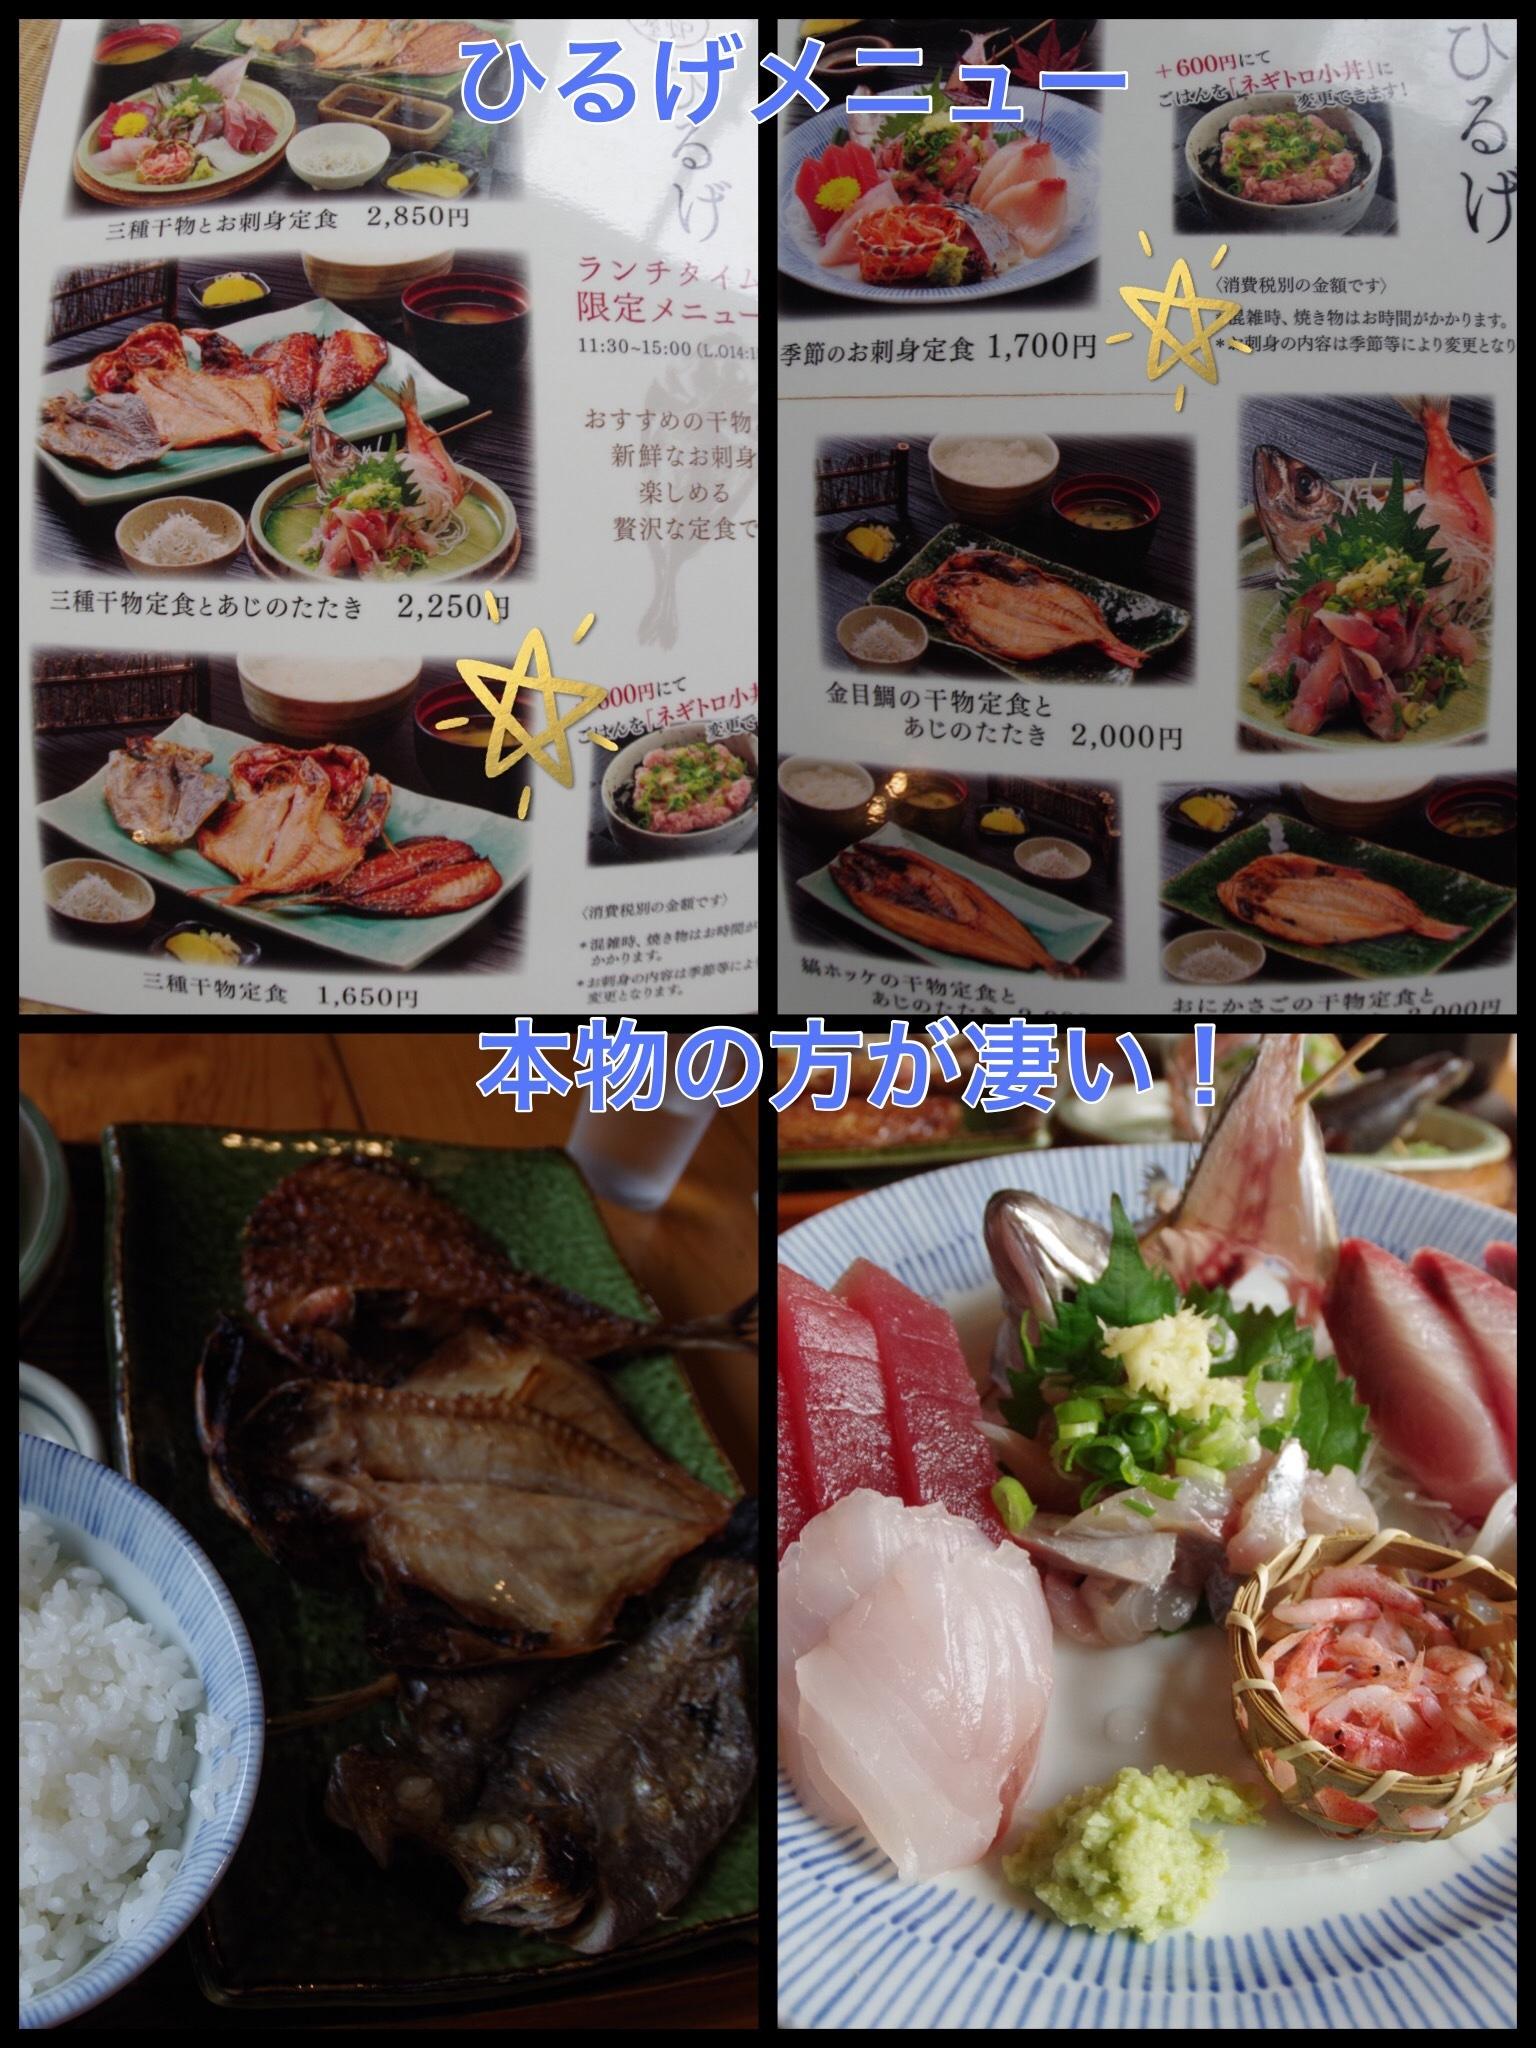 熱海 囲炉茶屋 ひるげ 干物定食 刺身定食